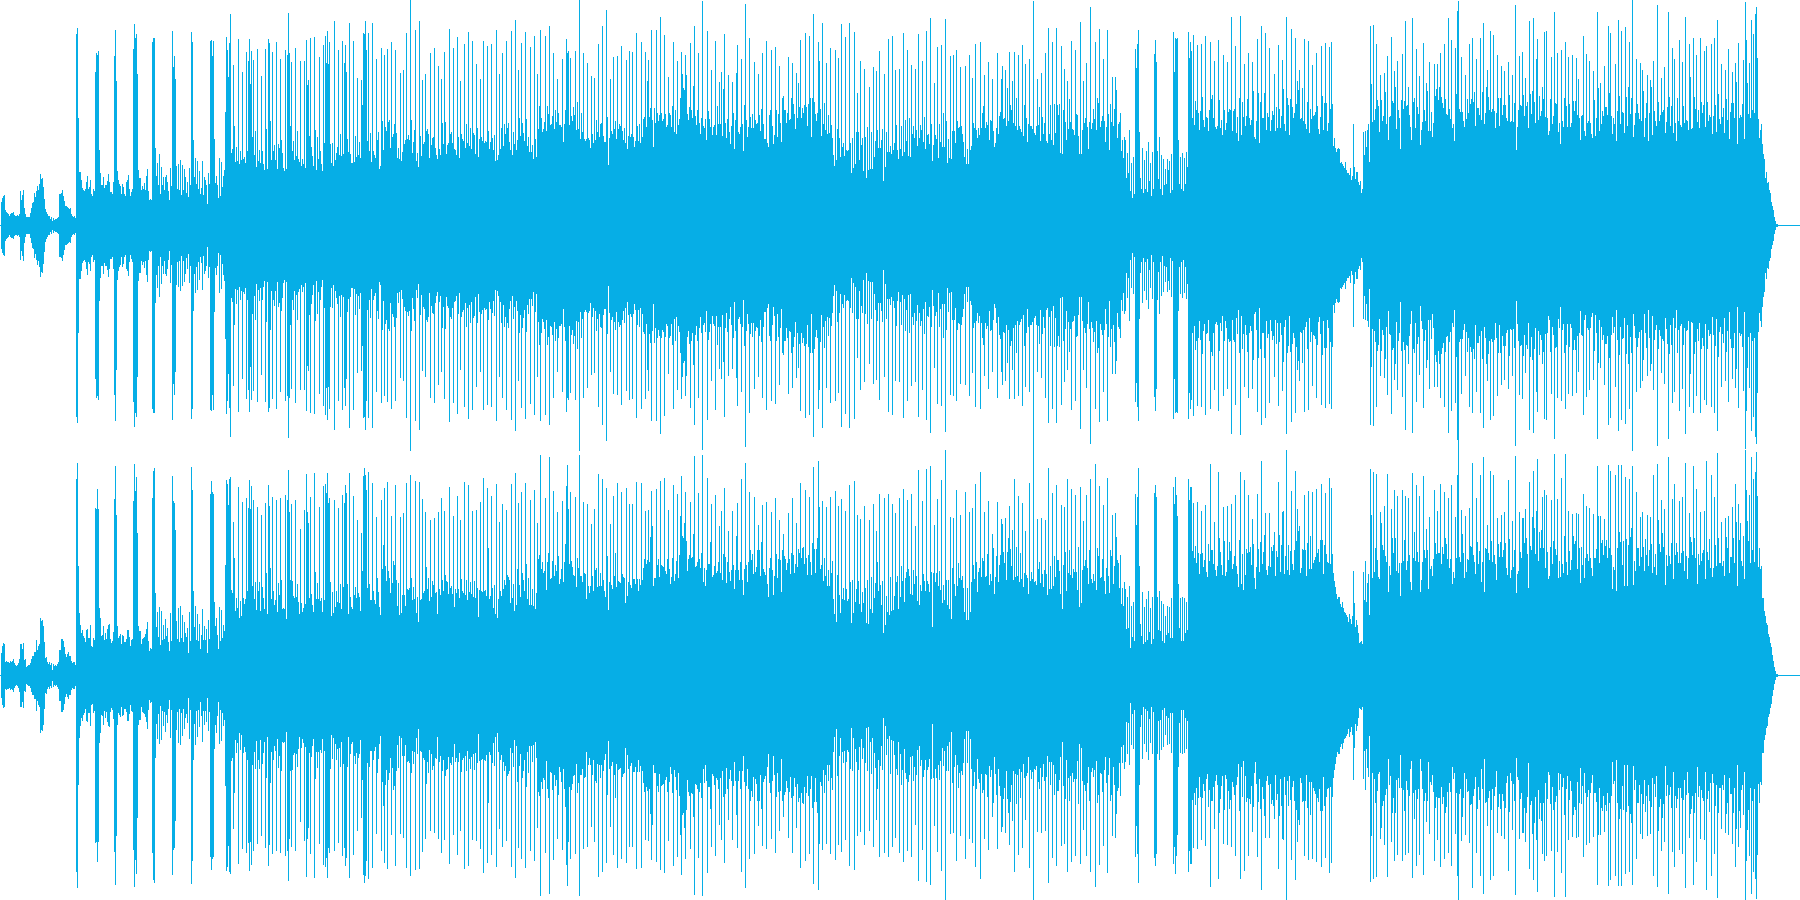 緊張感が持続したプログレッシヴなロックの再生済みの波形